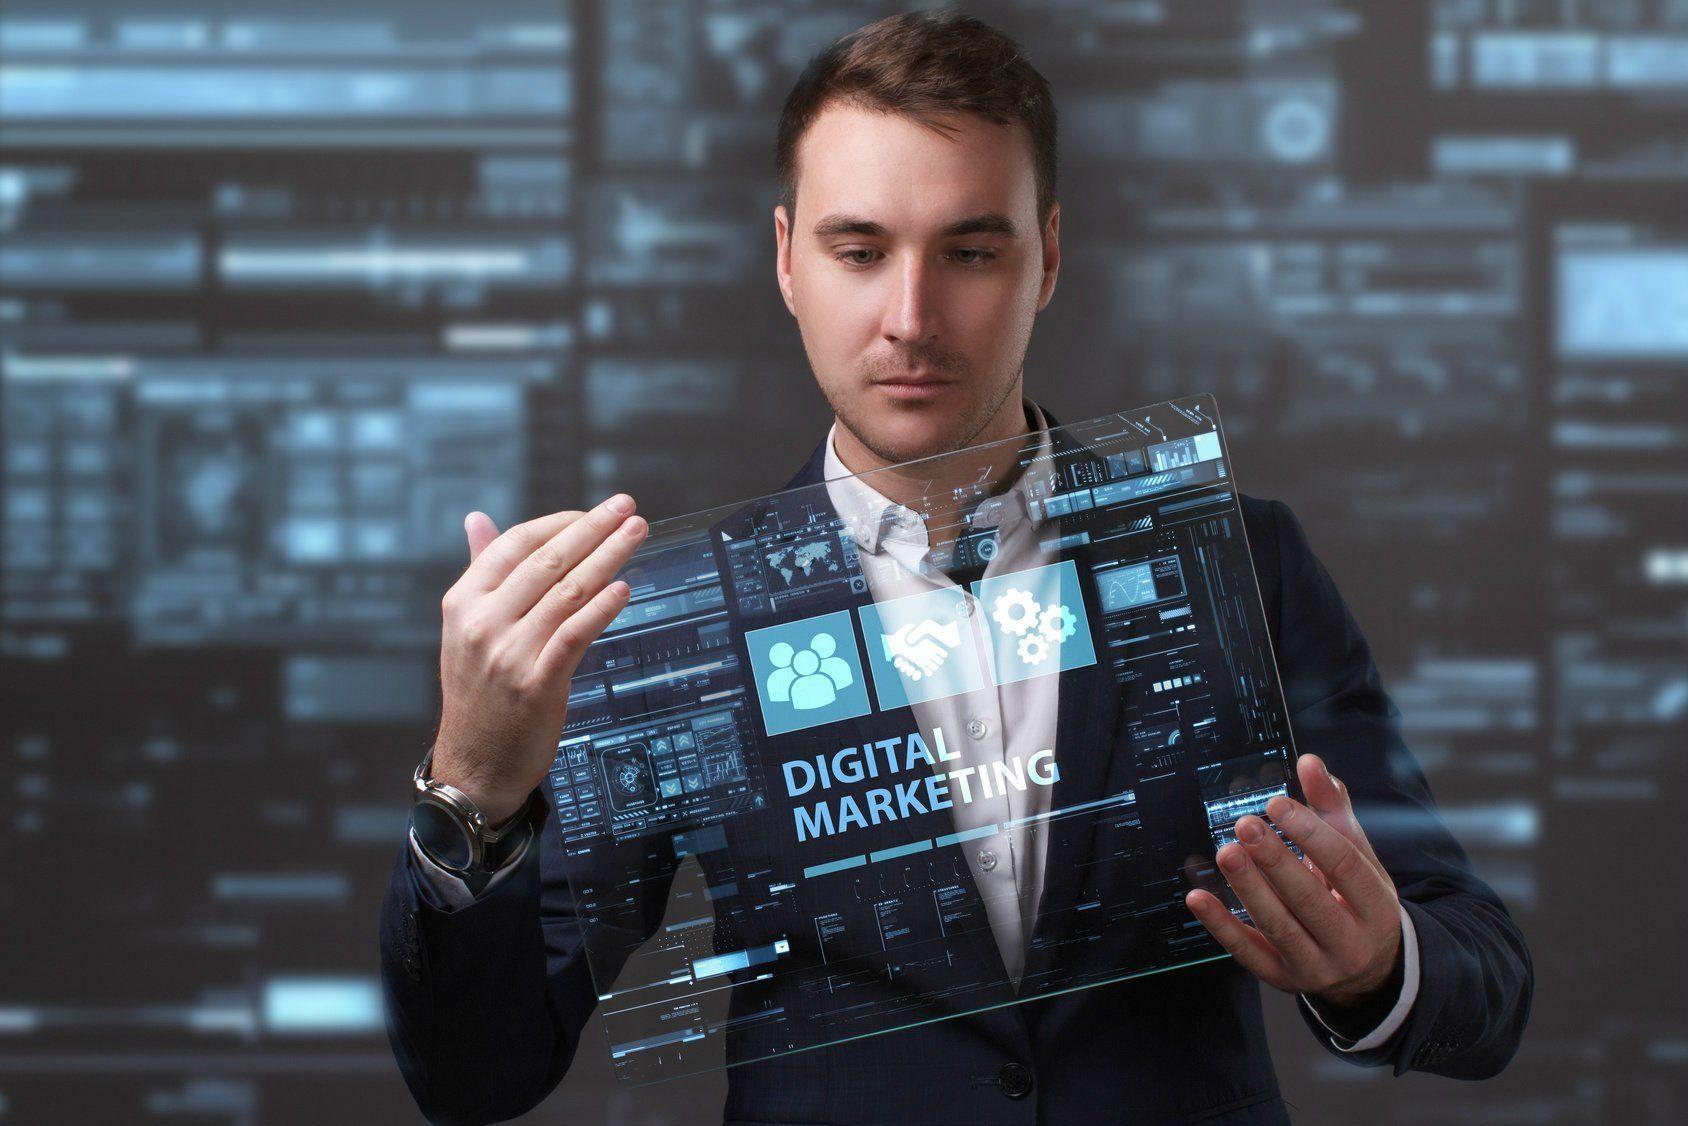 digital-marketing-expert-digital-marketing